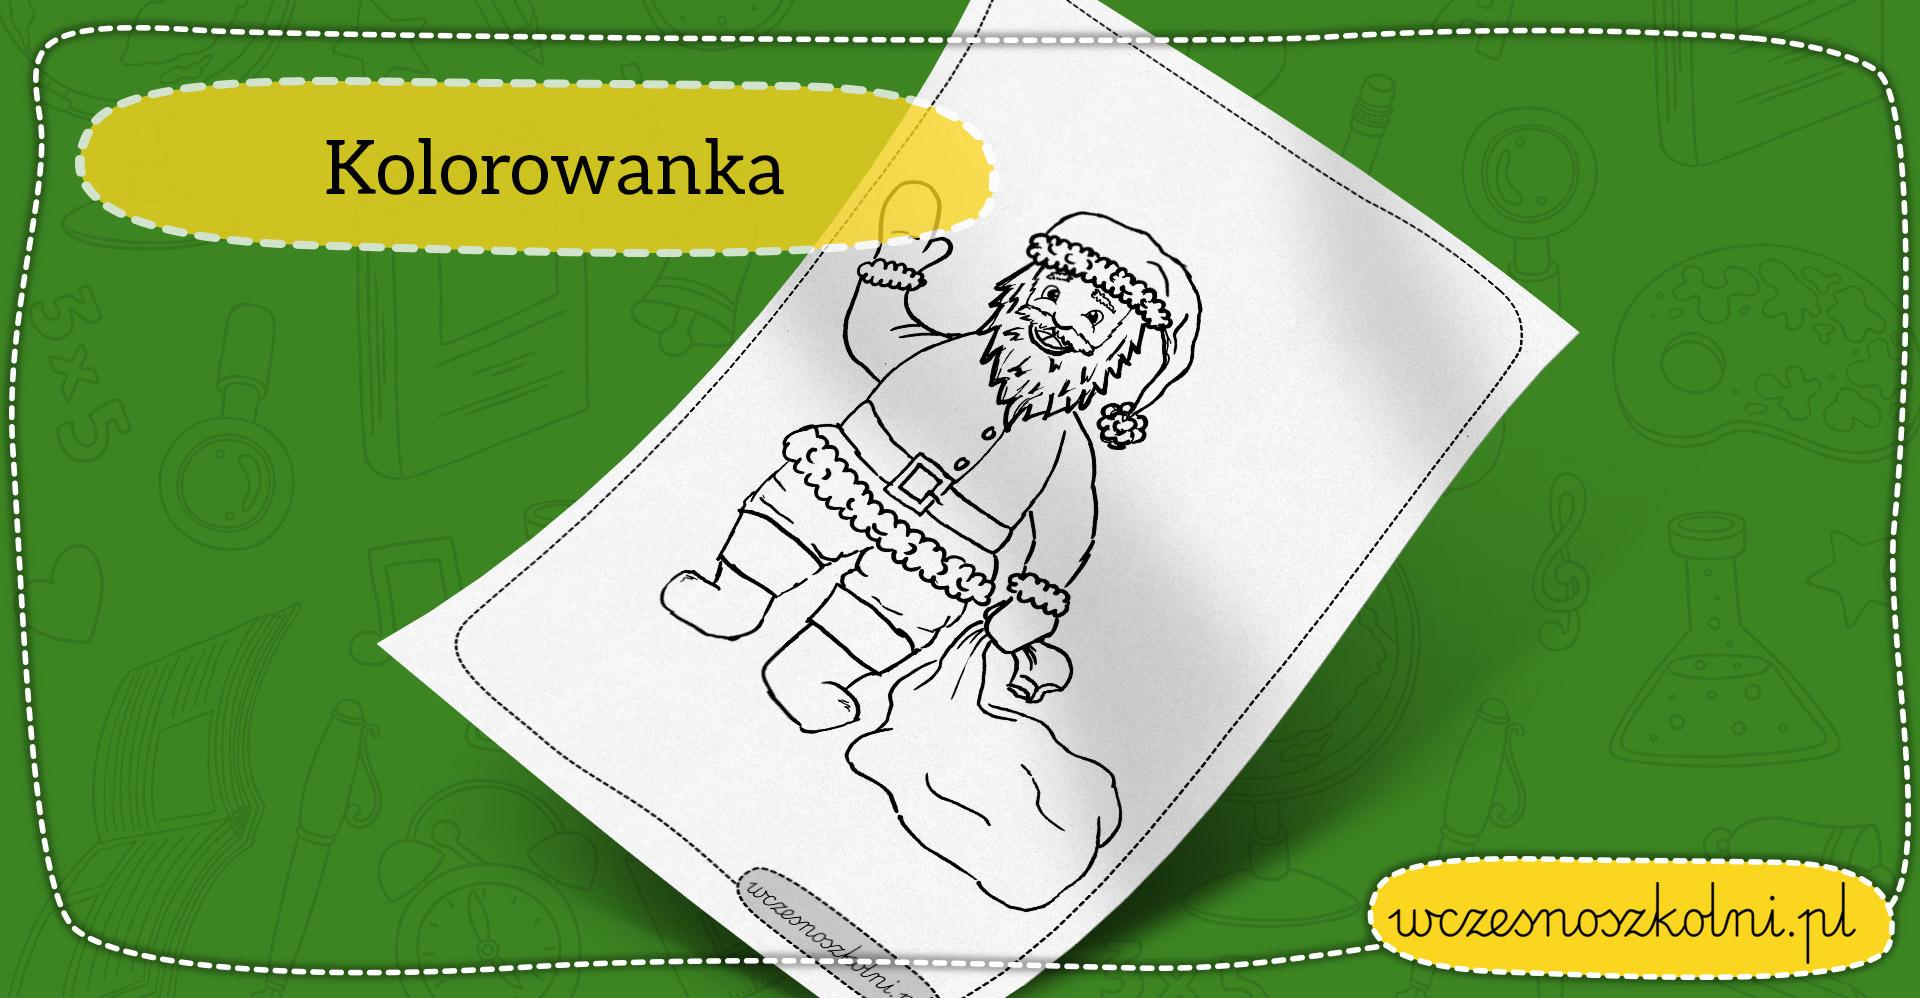 Mikołaj - kolorowanka dla dzieci